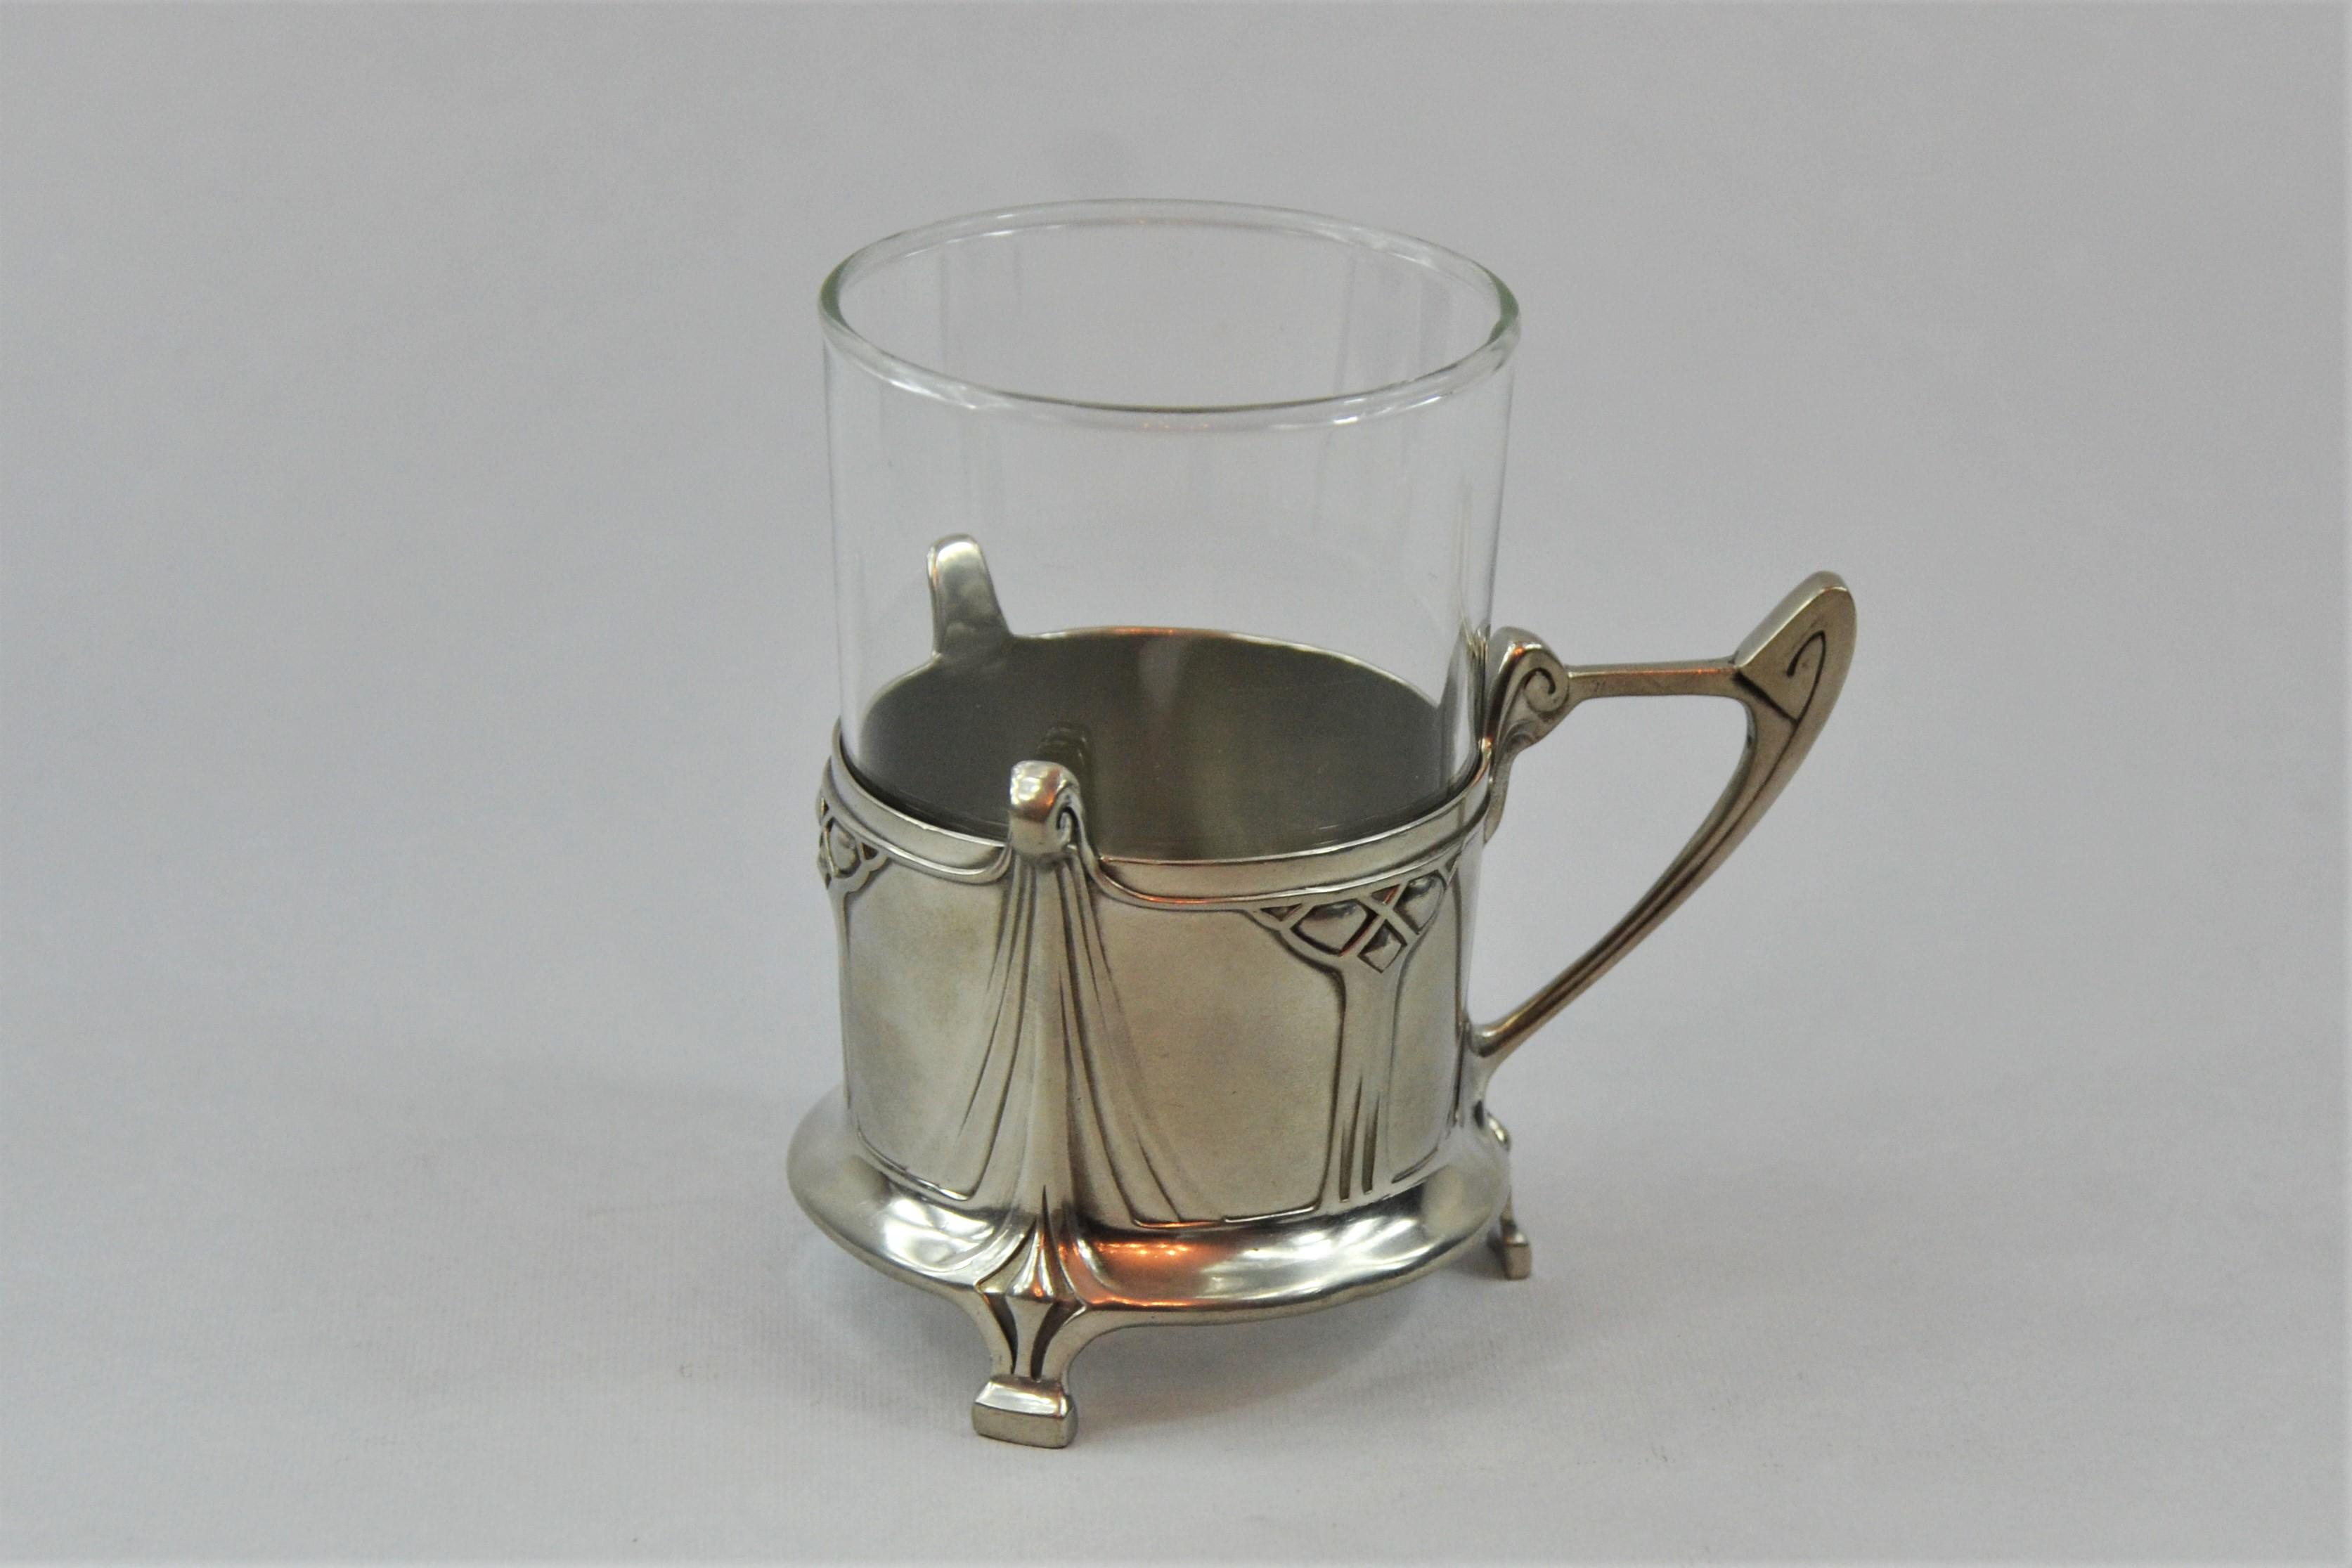 Koszyk do szklanki, Niemcy, ok. 1900 WMF